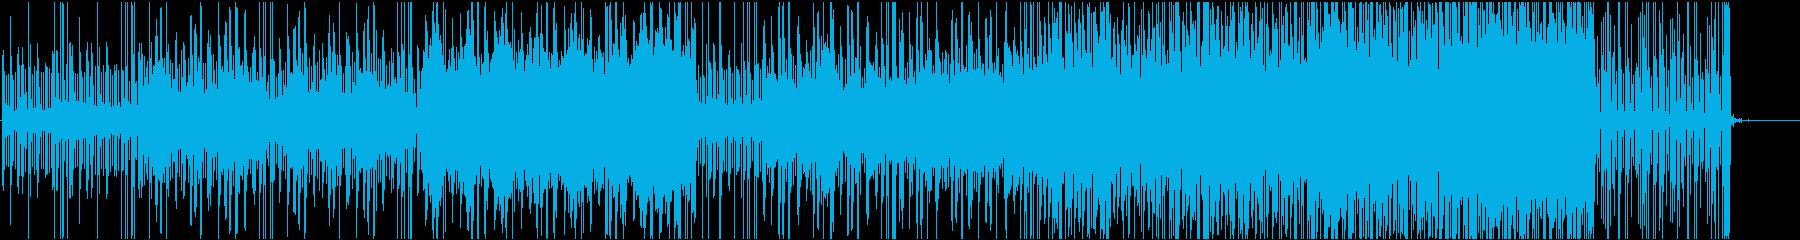 声の広がりが心地よい不思議なシンセの曲の再生済みの波形